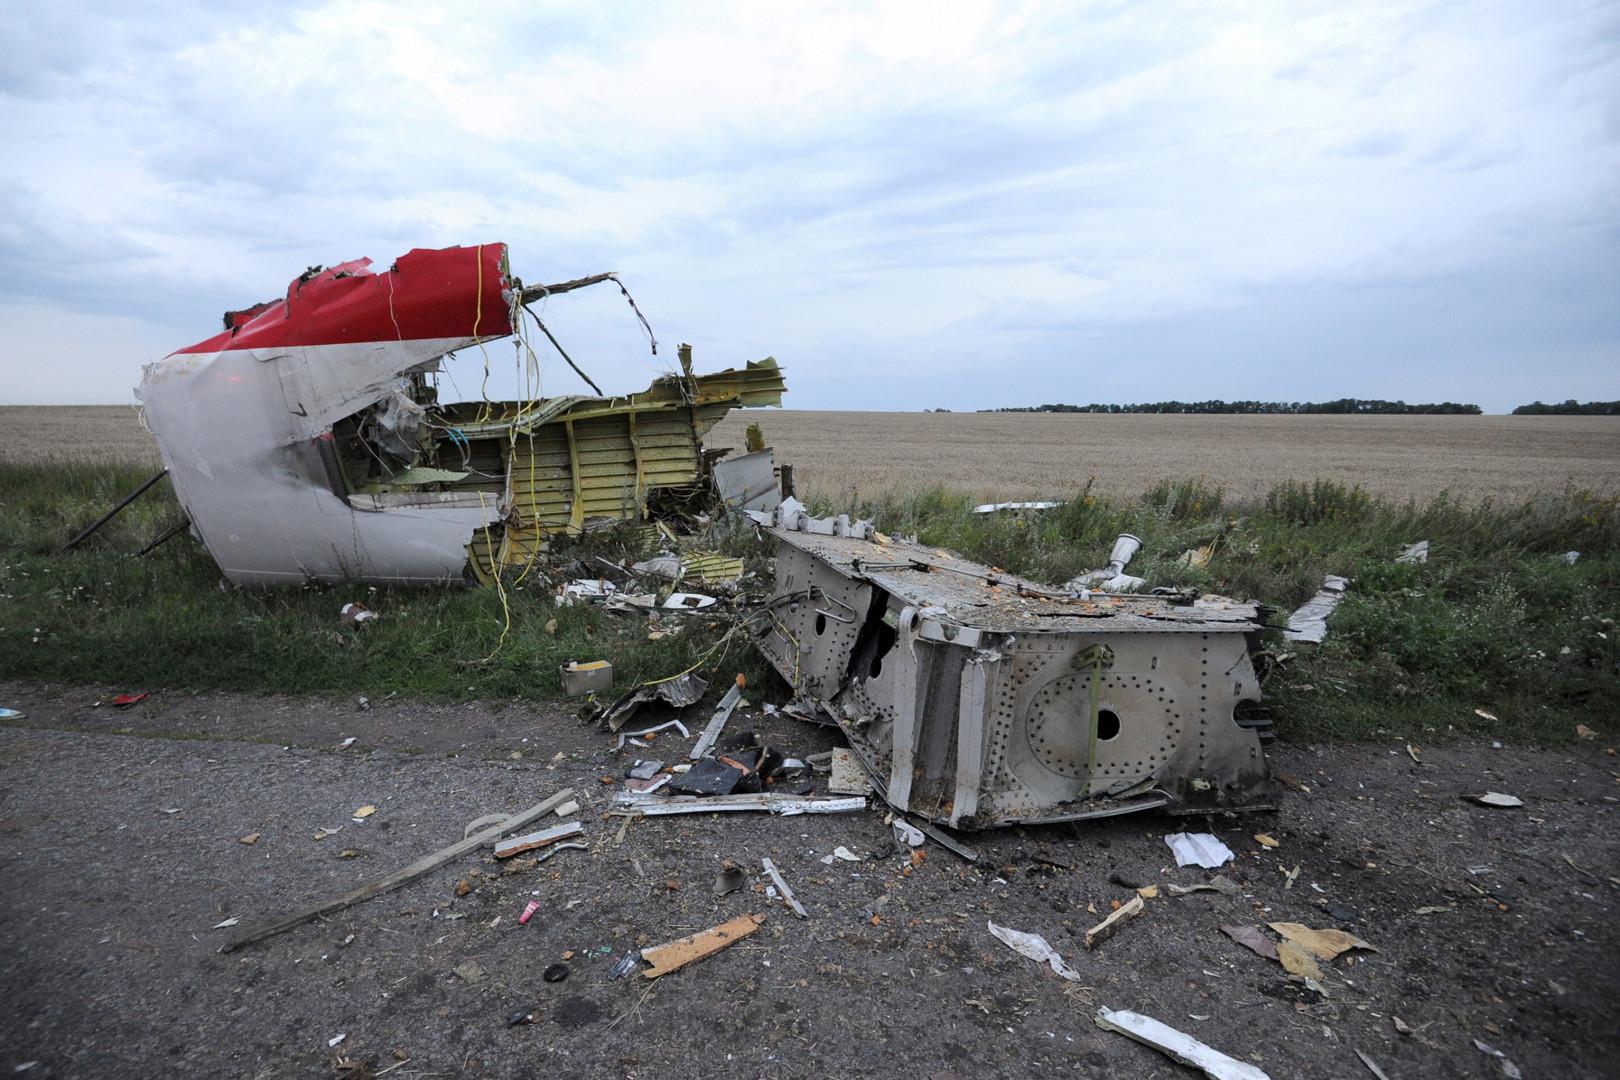 Des débris ont été retrouvés dans les champs et sur les routes aux alentours